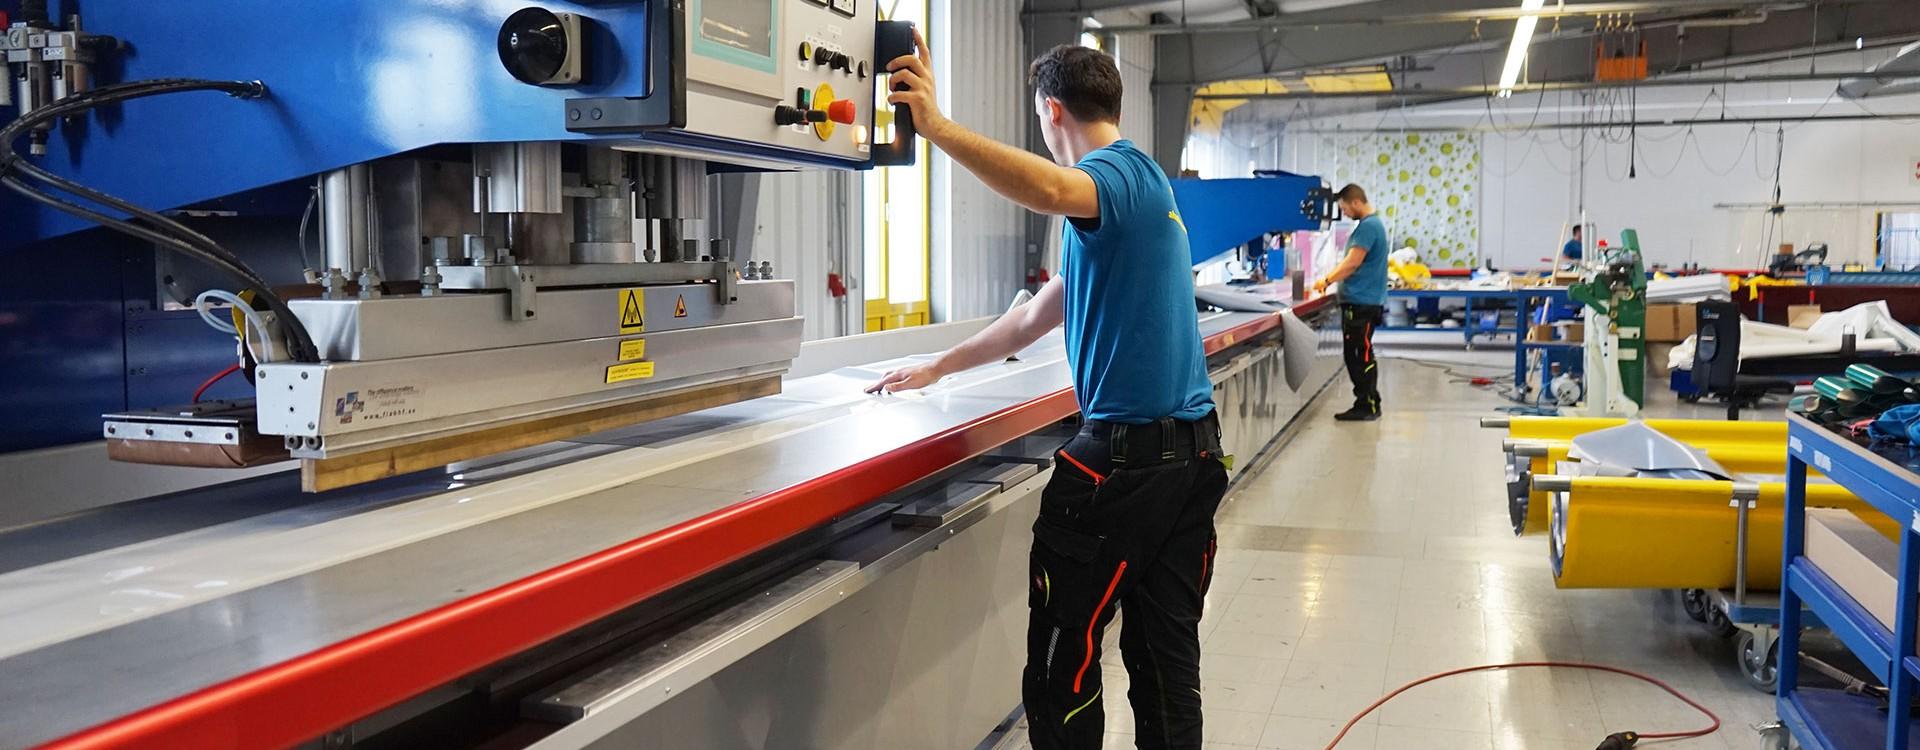 Technische Konfektionäre im Maschinenpark von Planex mit Silikon-Schweissmaschine, CNC-Cutter, Hochfrequenz-Verschweißung, Schaumstoffsäge, Ultraschall-Verschweißung uvm.